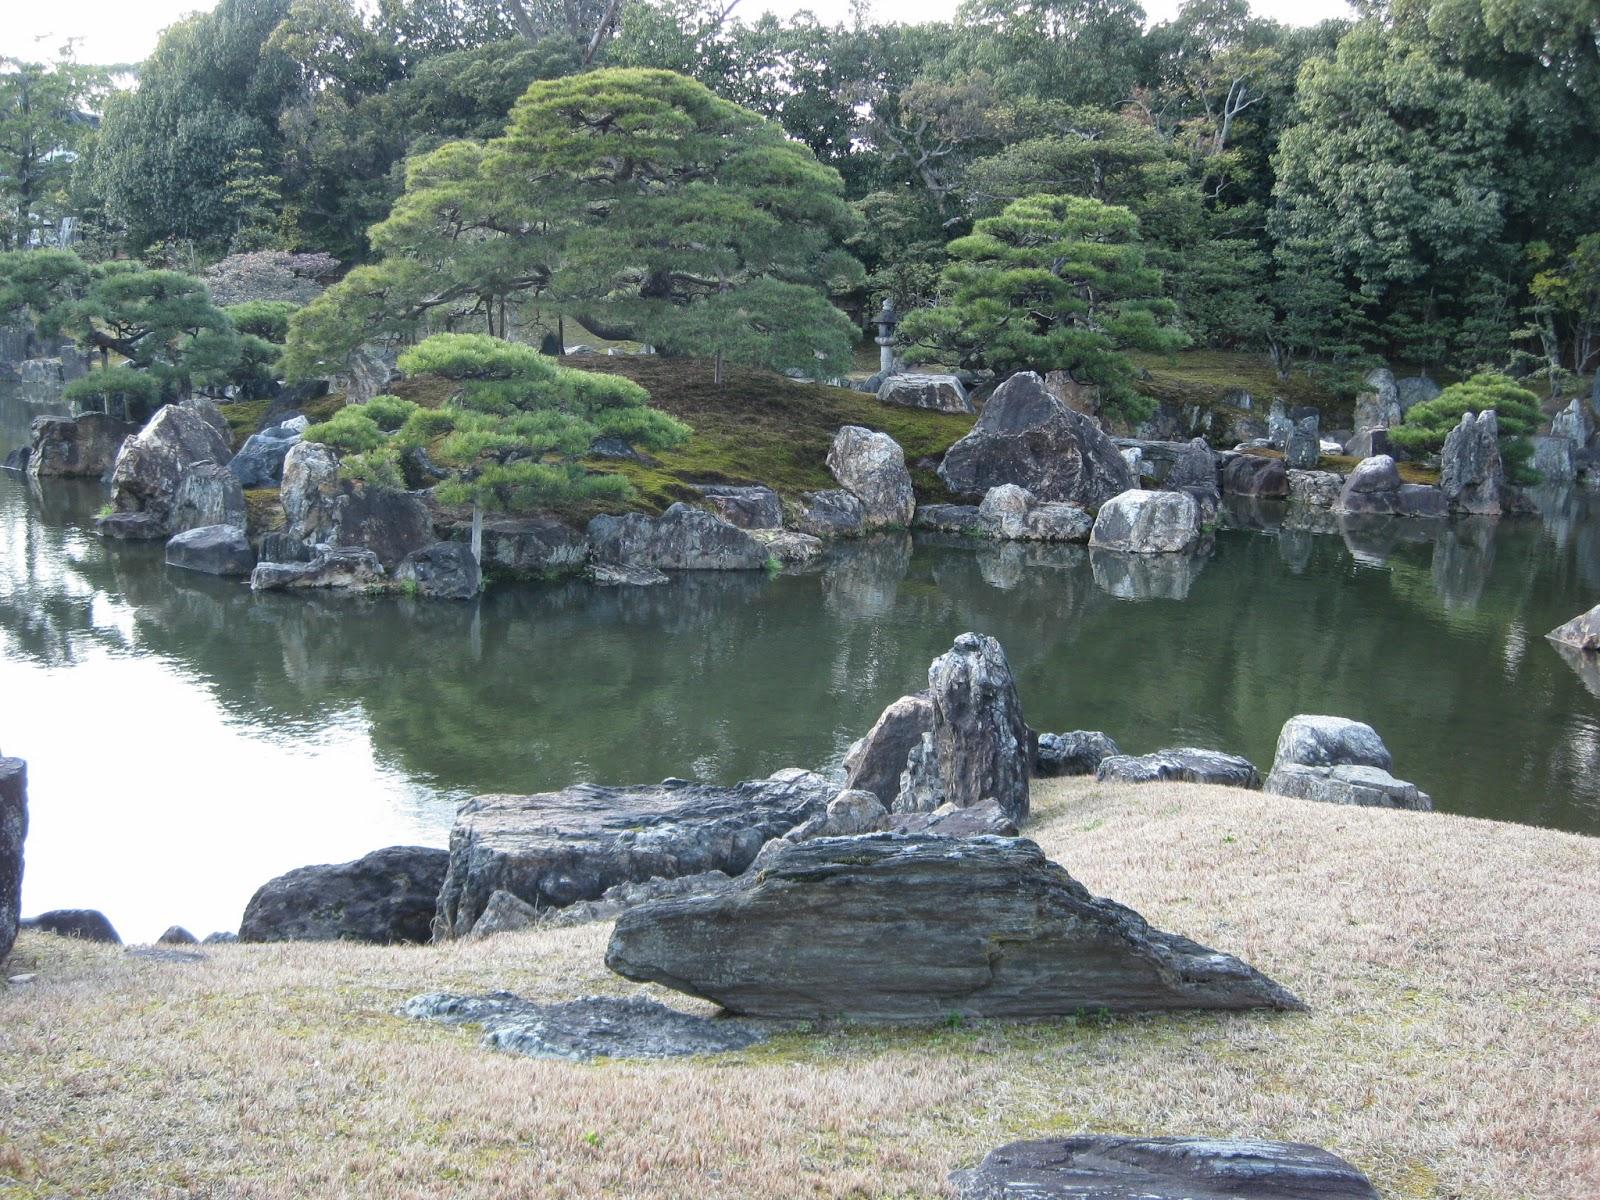 Kyoto - Ninomaru Garden, located behind Ninomaru Palace